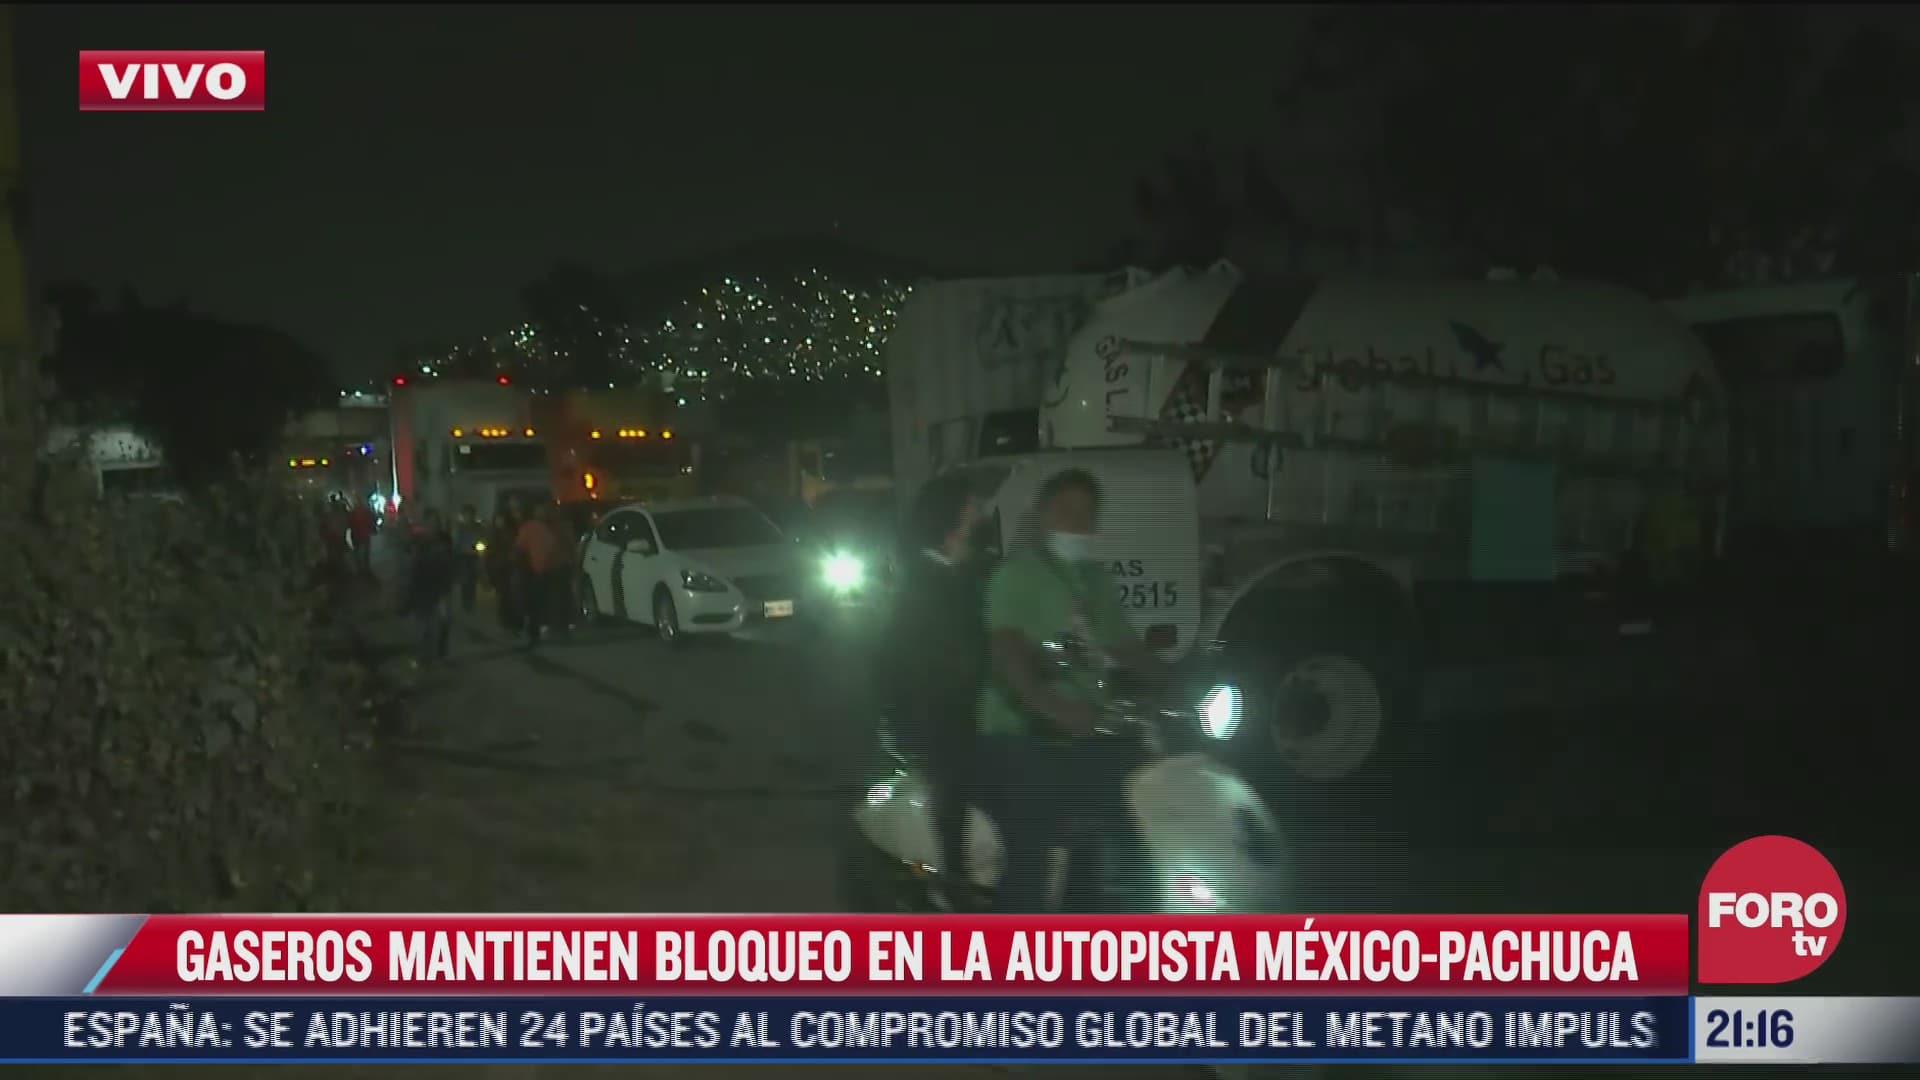 continua bloqueo de gaseros sobre la mexico pachuca